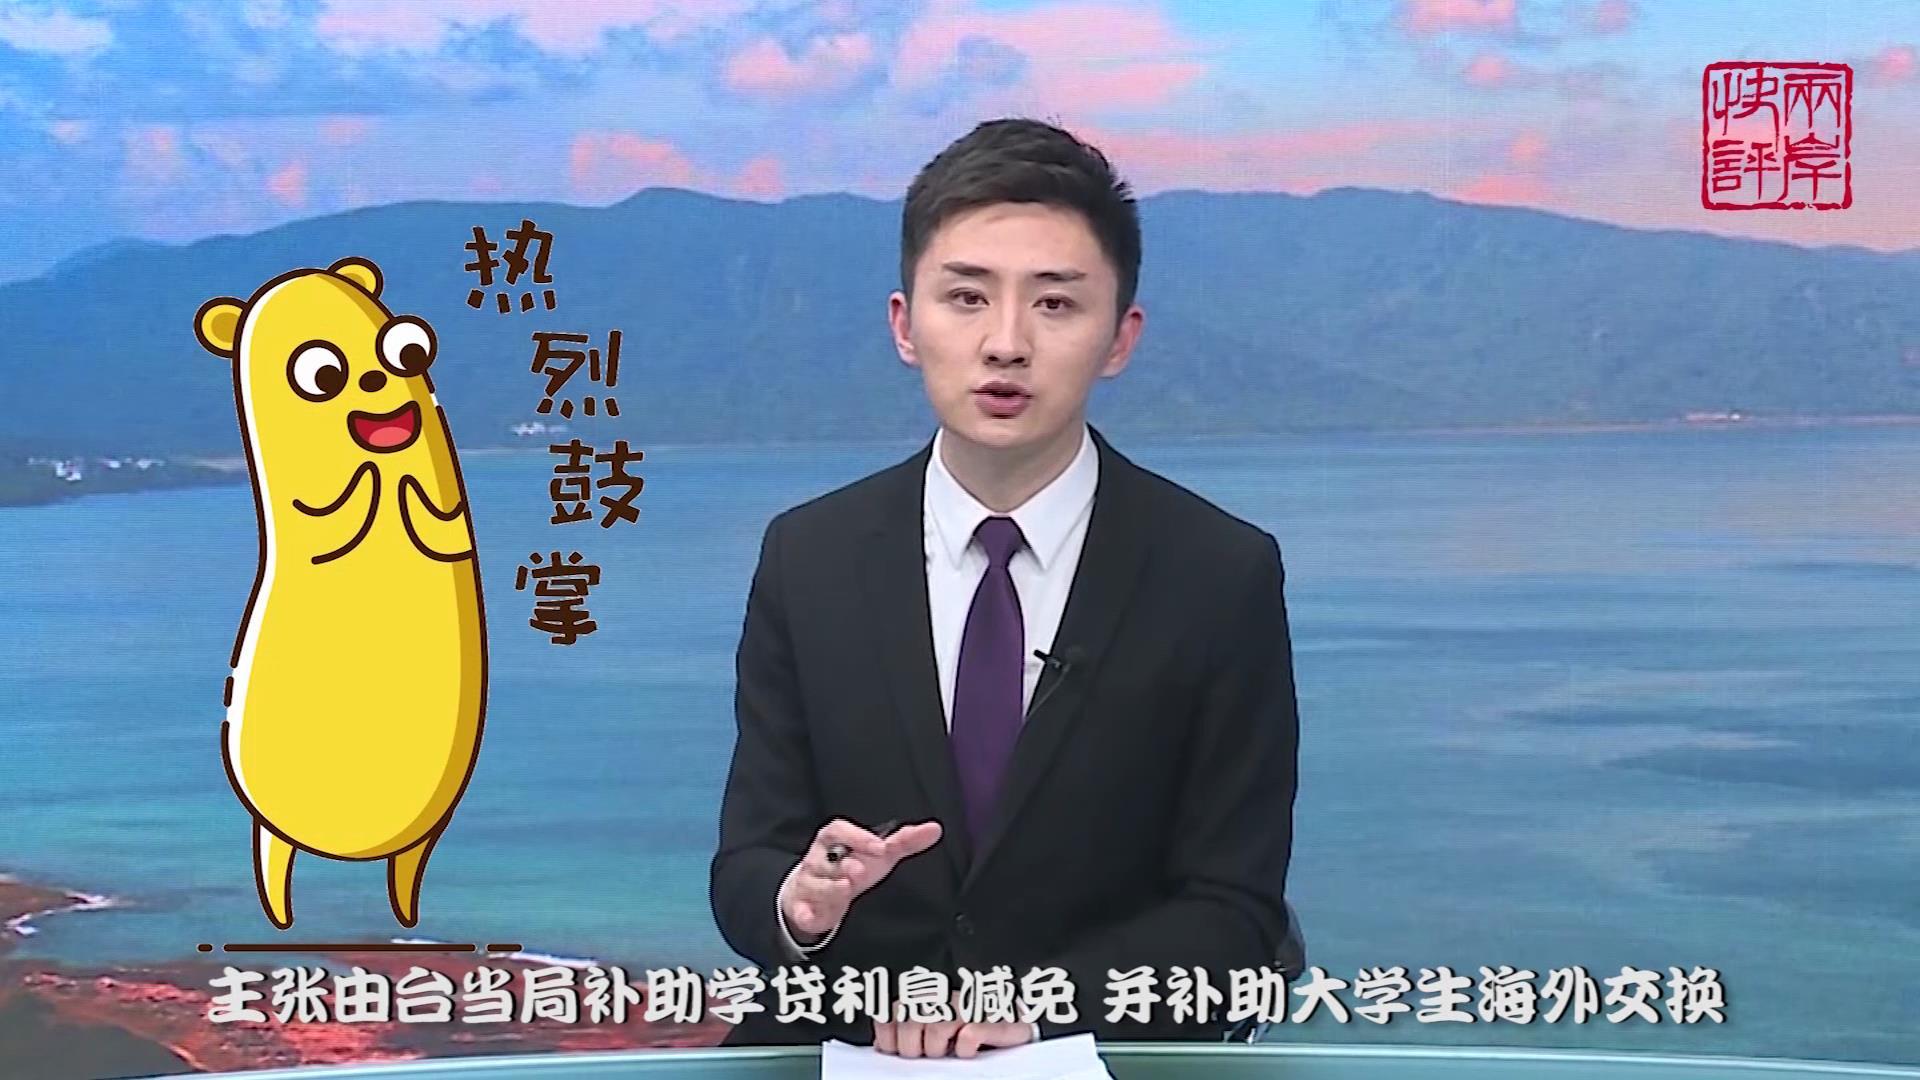 人才培养也要分蓝绿?不花钱不会选的台湾政客,该醒醒了!图片